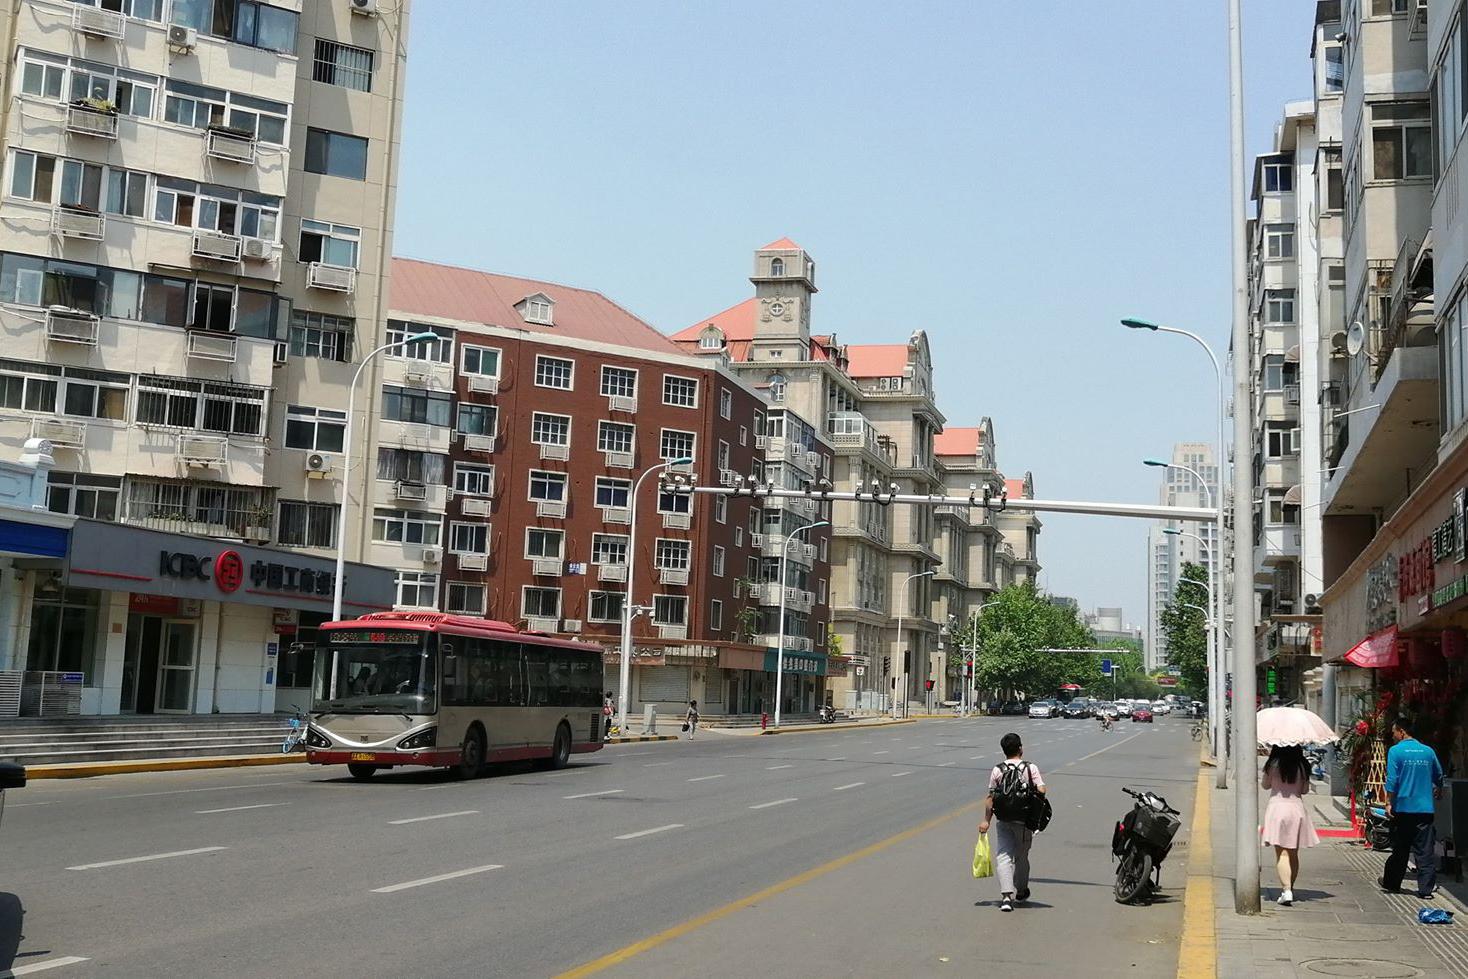 Az egykori tiencsini Ferenc József utca, majd körút napjainkban (Fotó: Rimányi Áron - Falanszter.blog.hu)